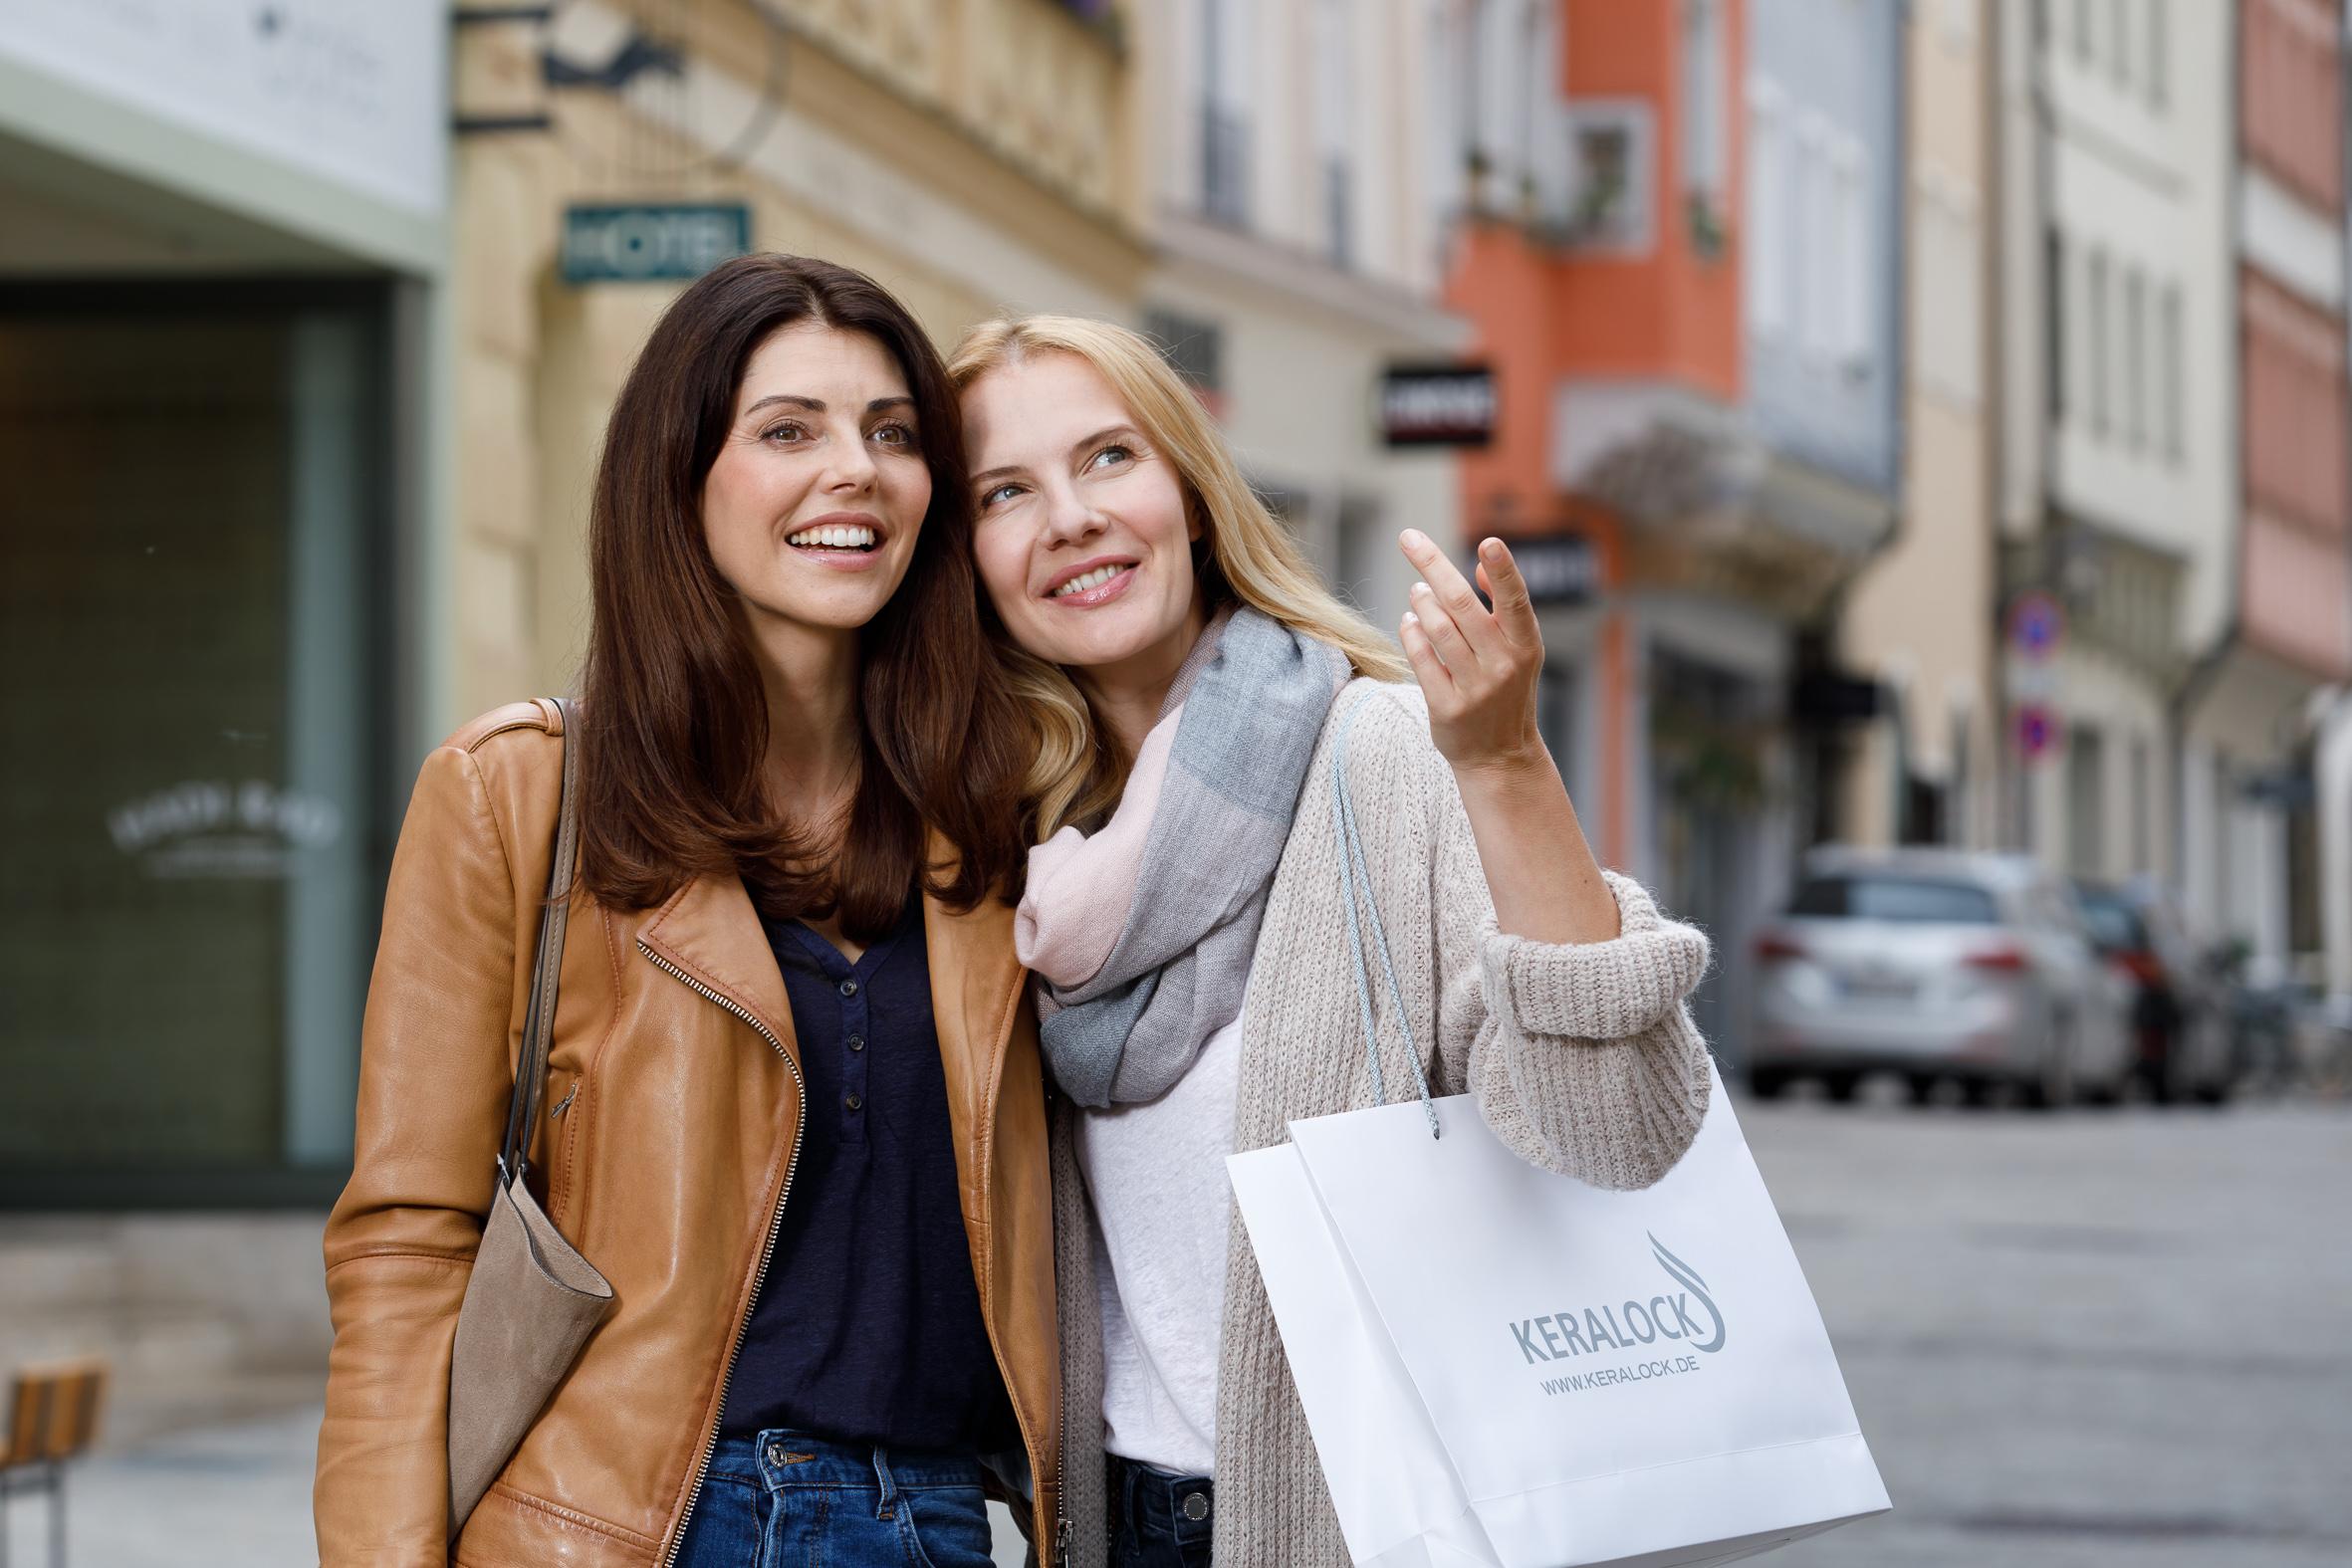 Zwei Frauen shoppen mit KERALOCK-Tasche